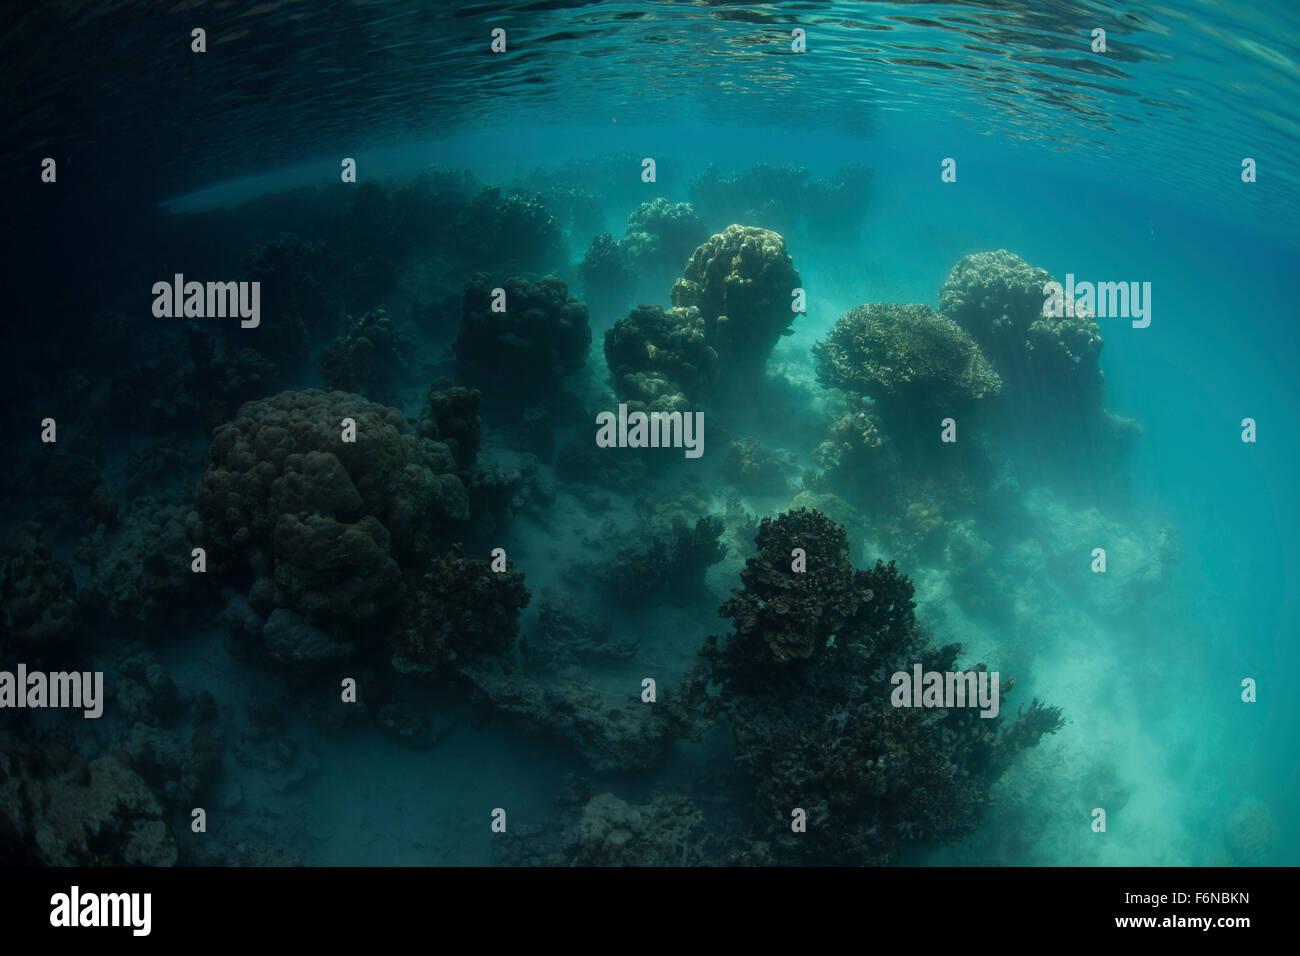 Un lac marin dans les Palaos ont une apparence de rêve presque à cause de la couleur de l'eau et la Photo Stock